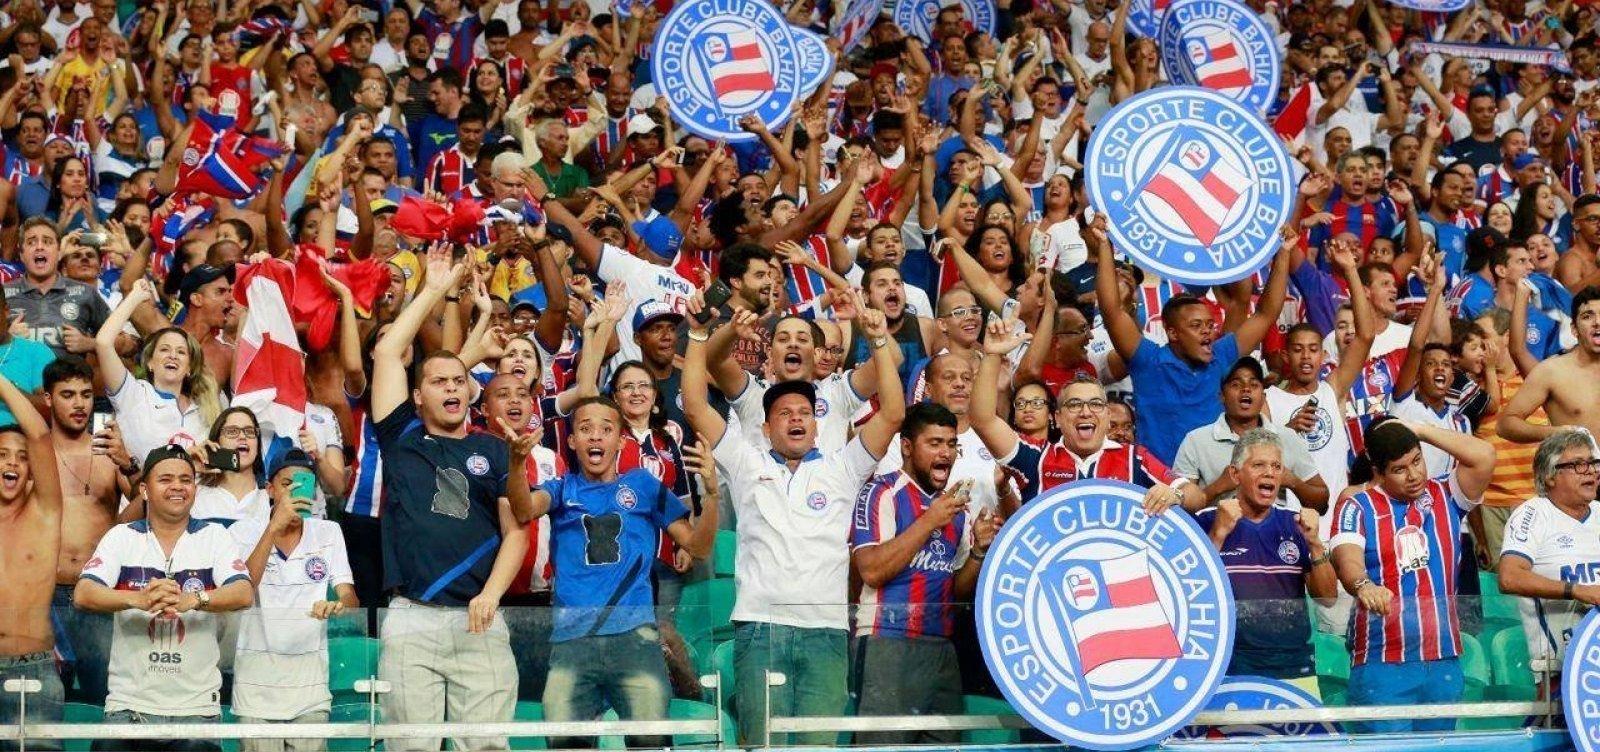 Bahia está entre os 10 clubes que mais arrecadam com bilheteria no país